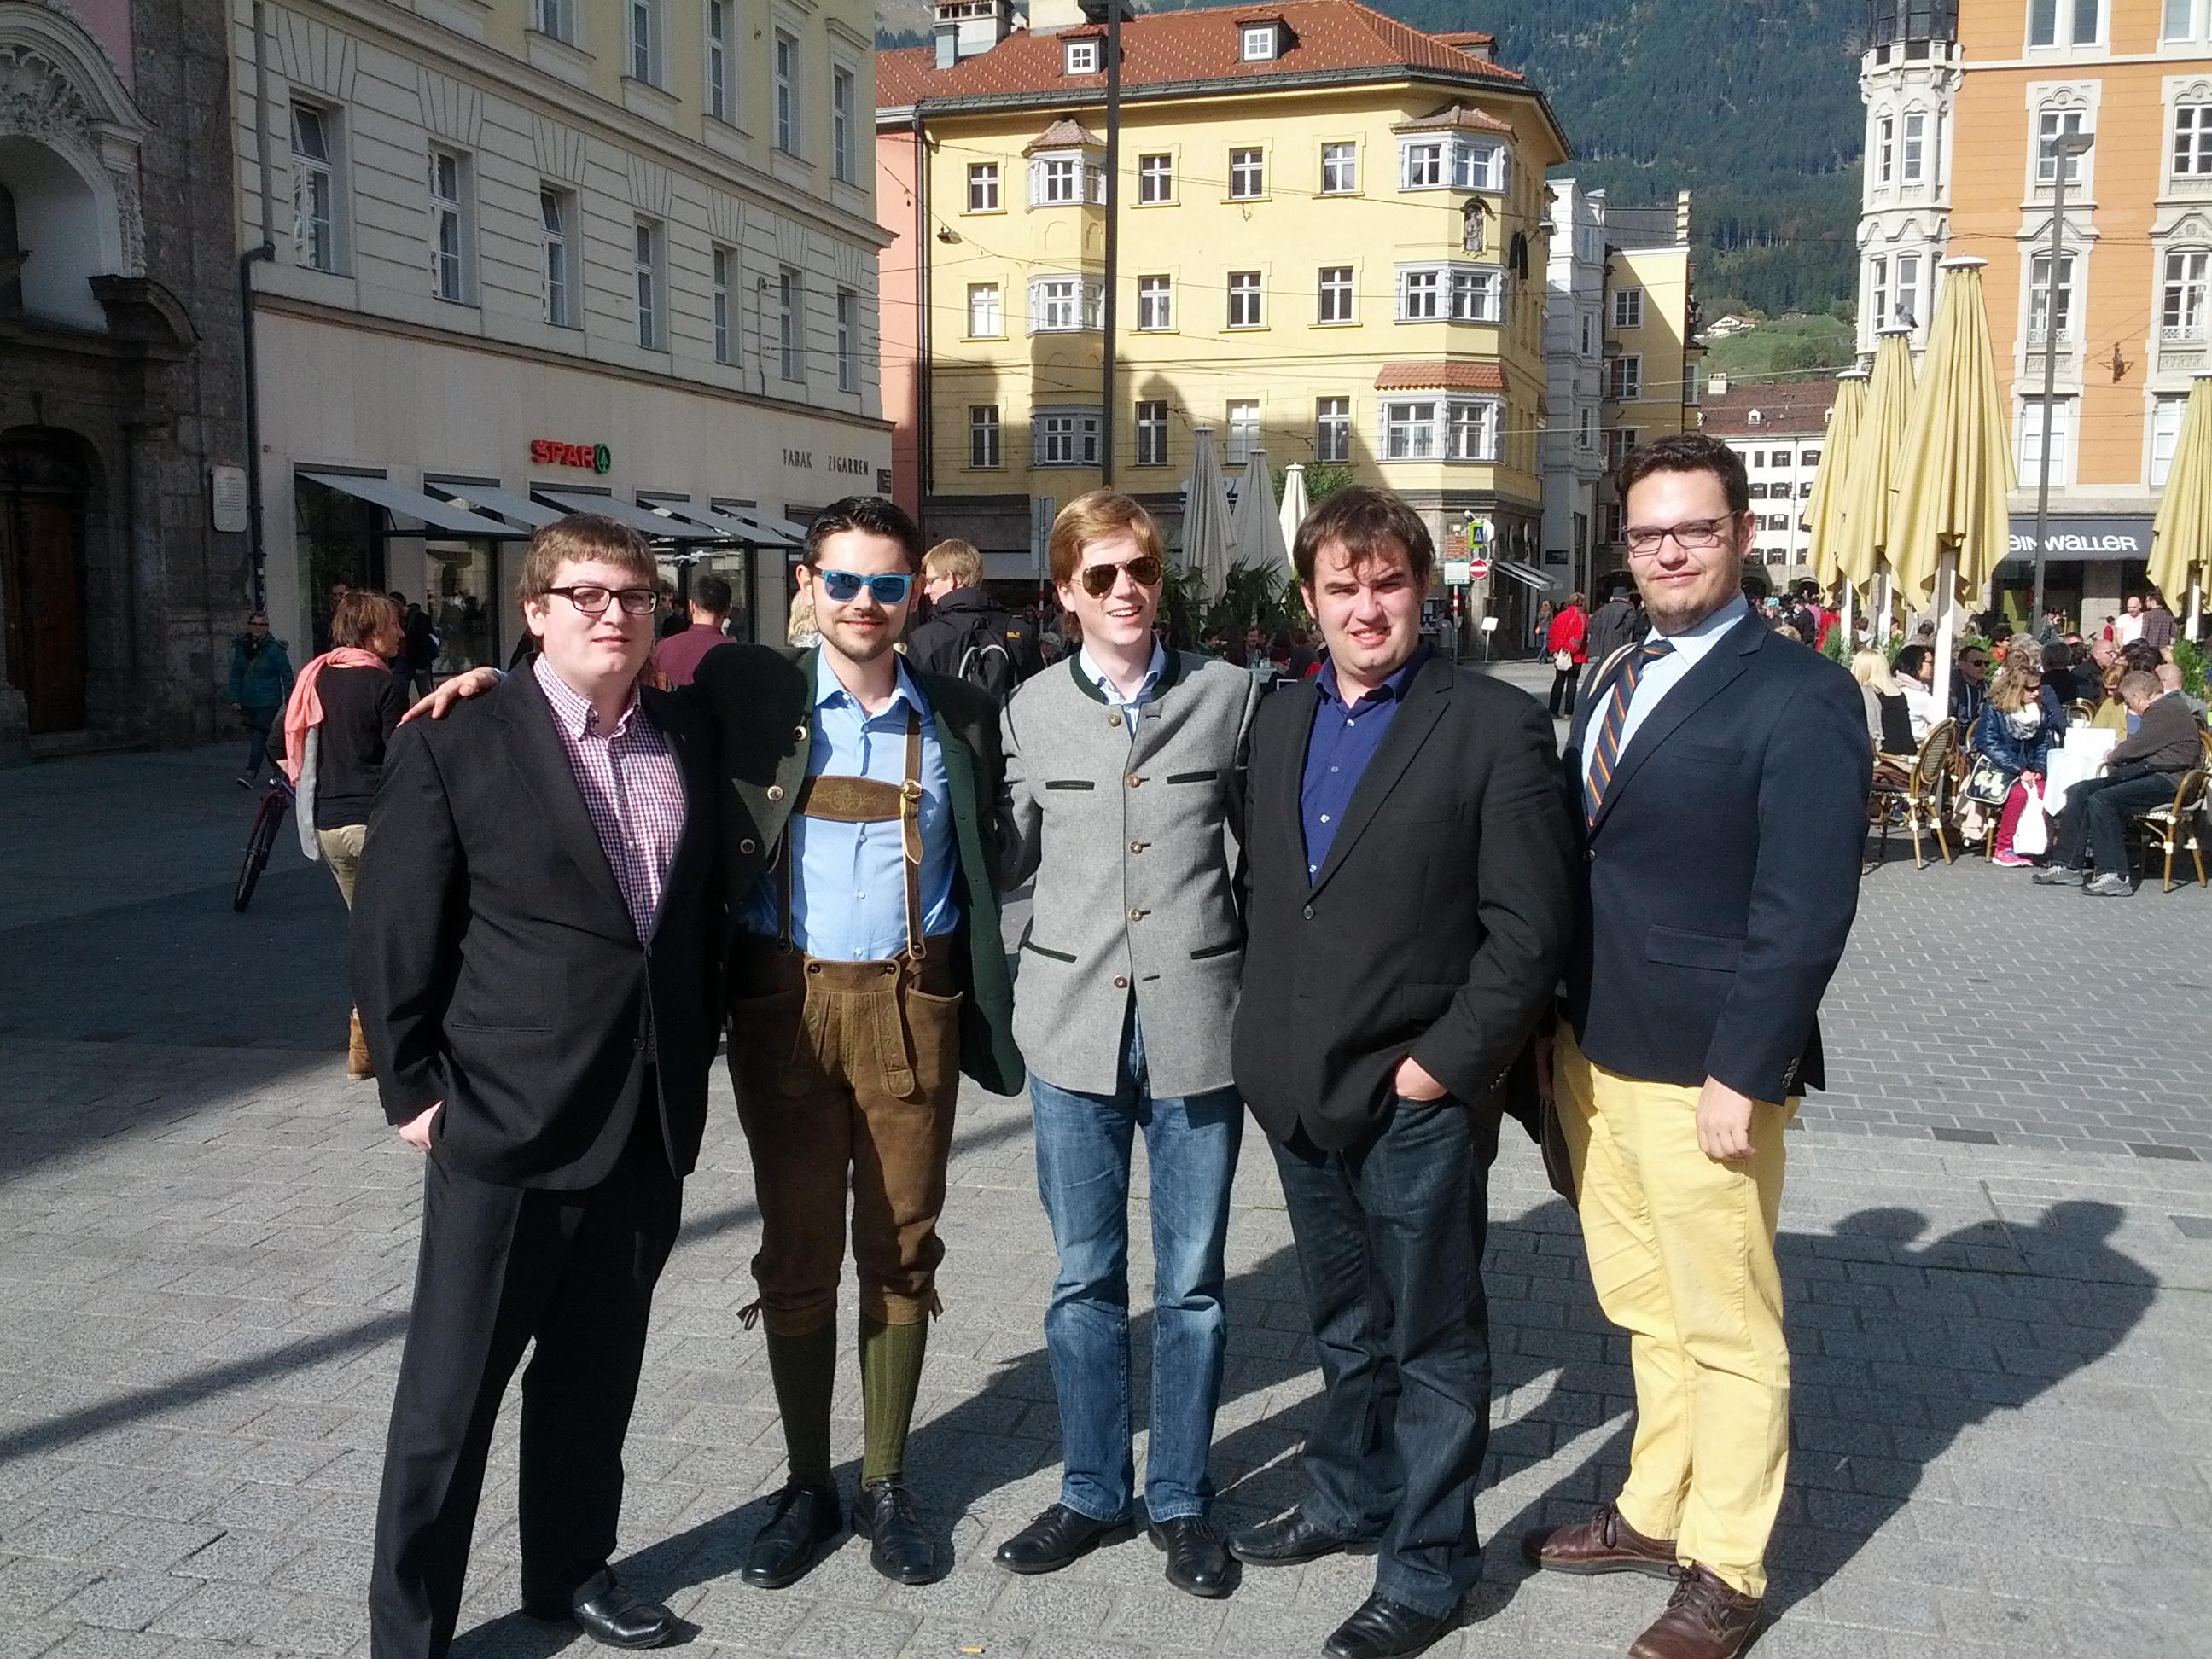 Die Delegation der Erasmus beim Erkunden der Stadt Innsbruck. FM DC-6, x Faust, GCVx Photos und die GCV-Vizepräsidenten HukHuk und Mastercard